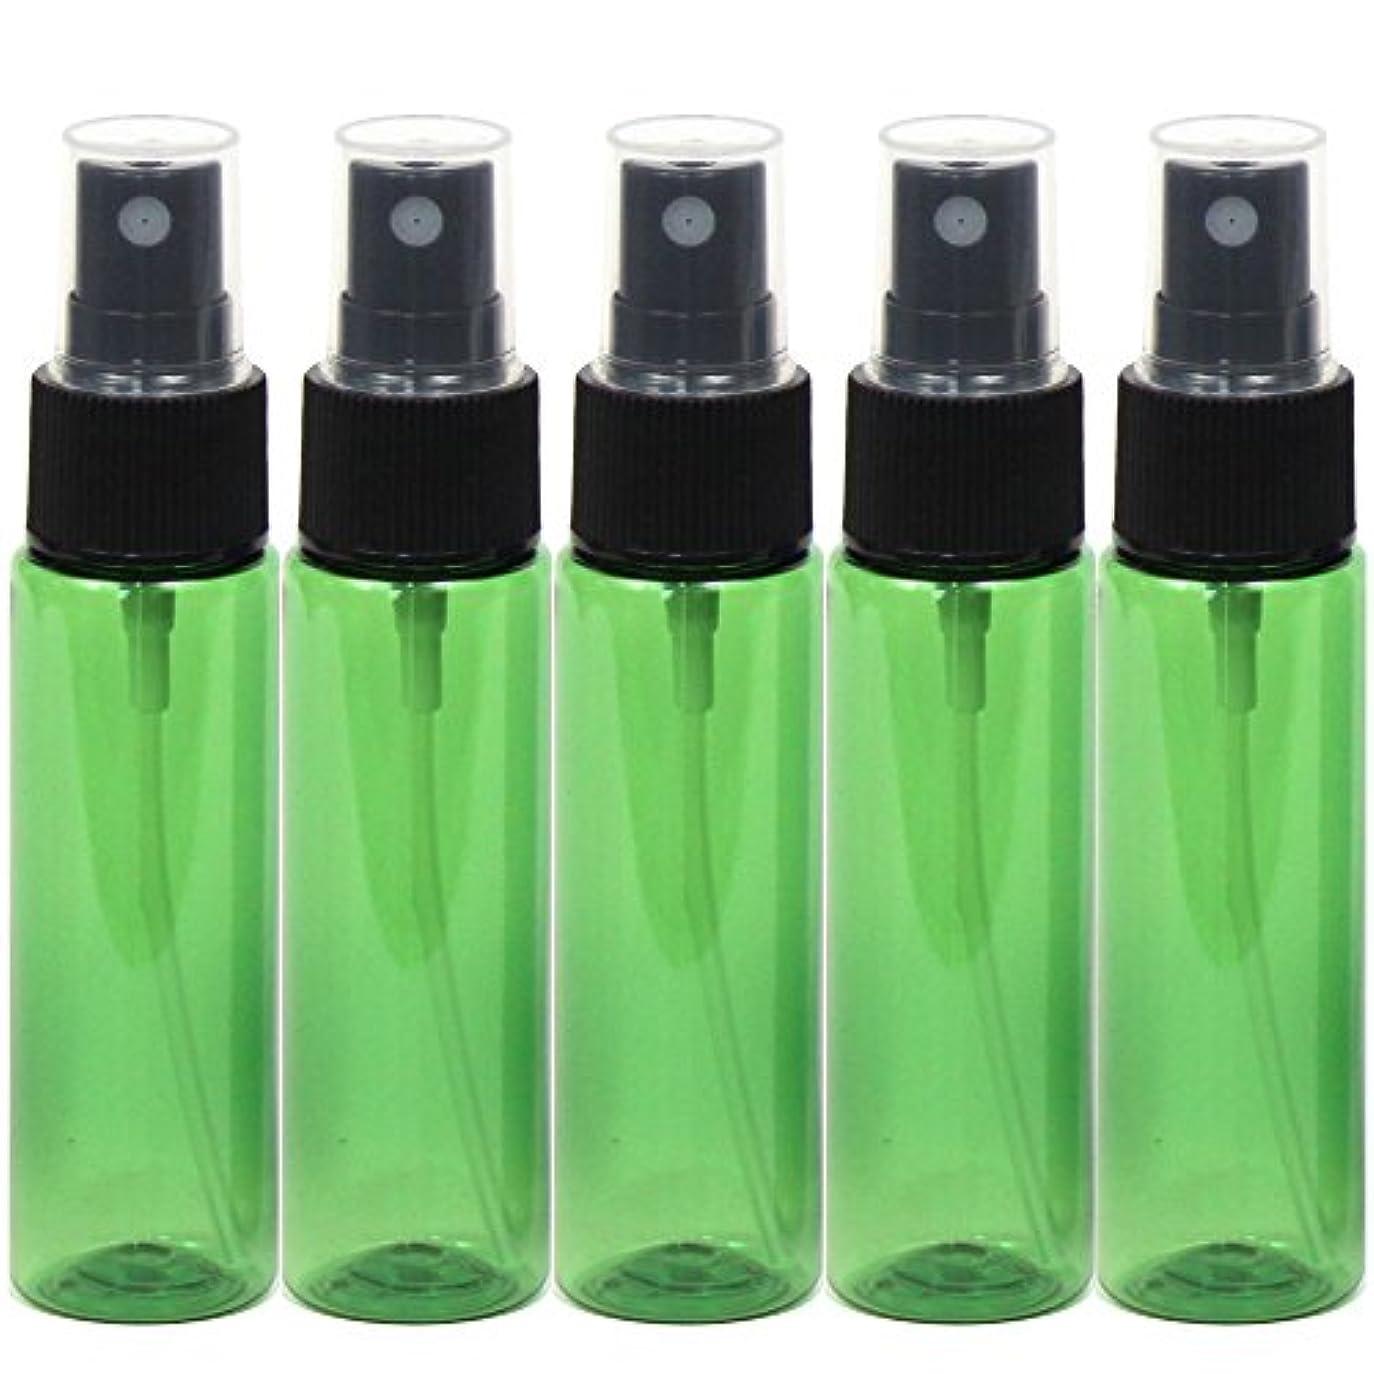 征服するスペース楕円形スプレーボトル 30mL グリーン 5本セット 遮光性 おしゃれ空容器gr30-5